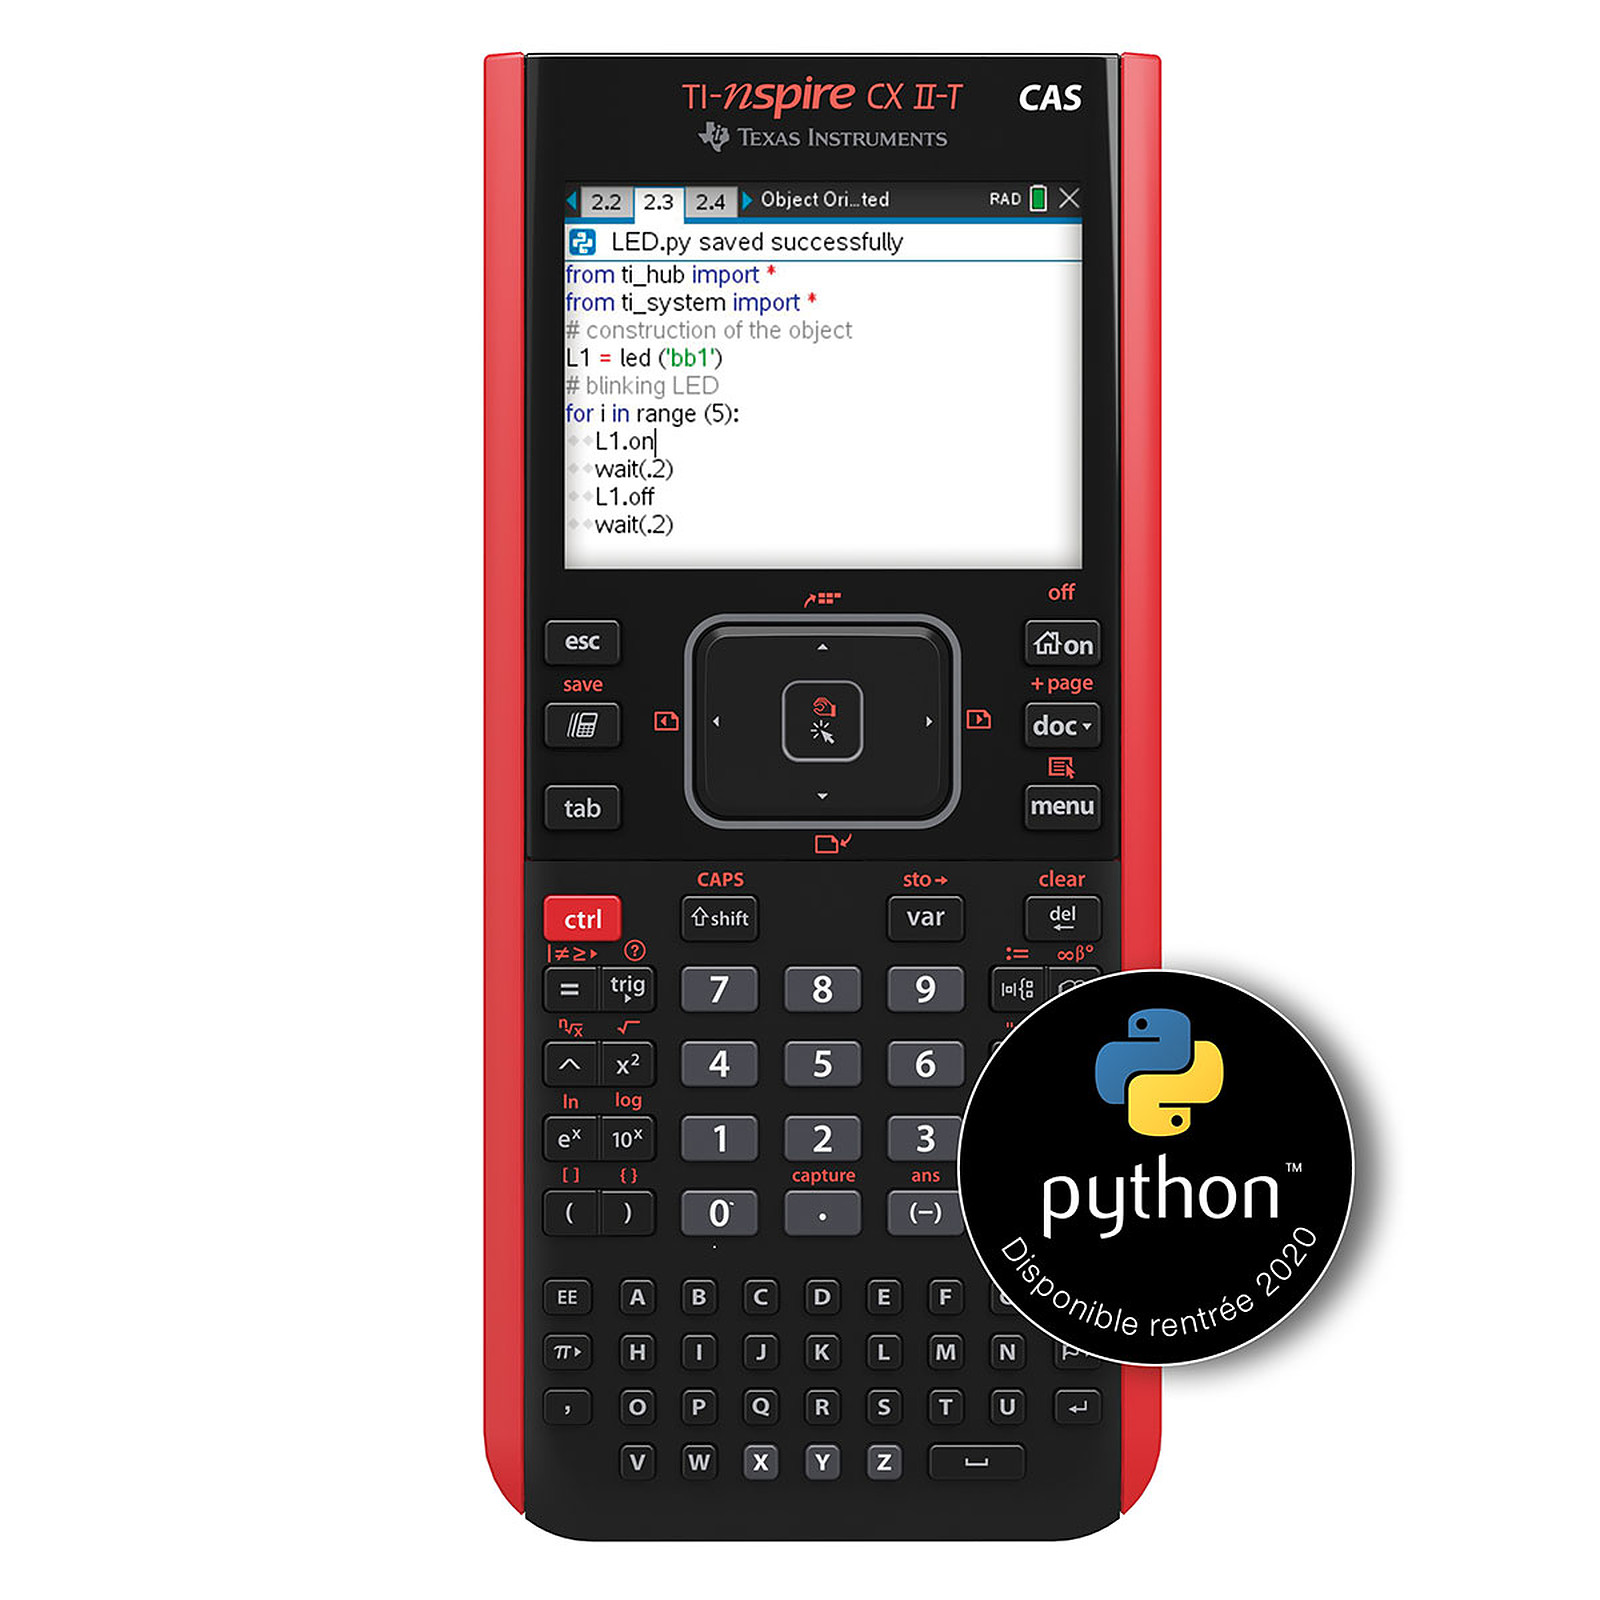 Calculatrice graphique TI-Nspire CX II-T CAS - mode examen intégré - Edition Python - précision algébrique